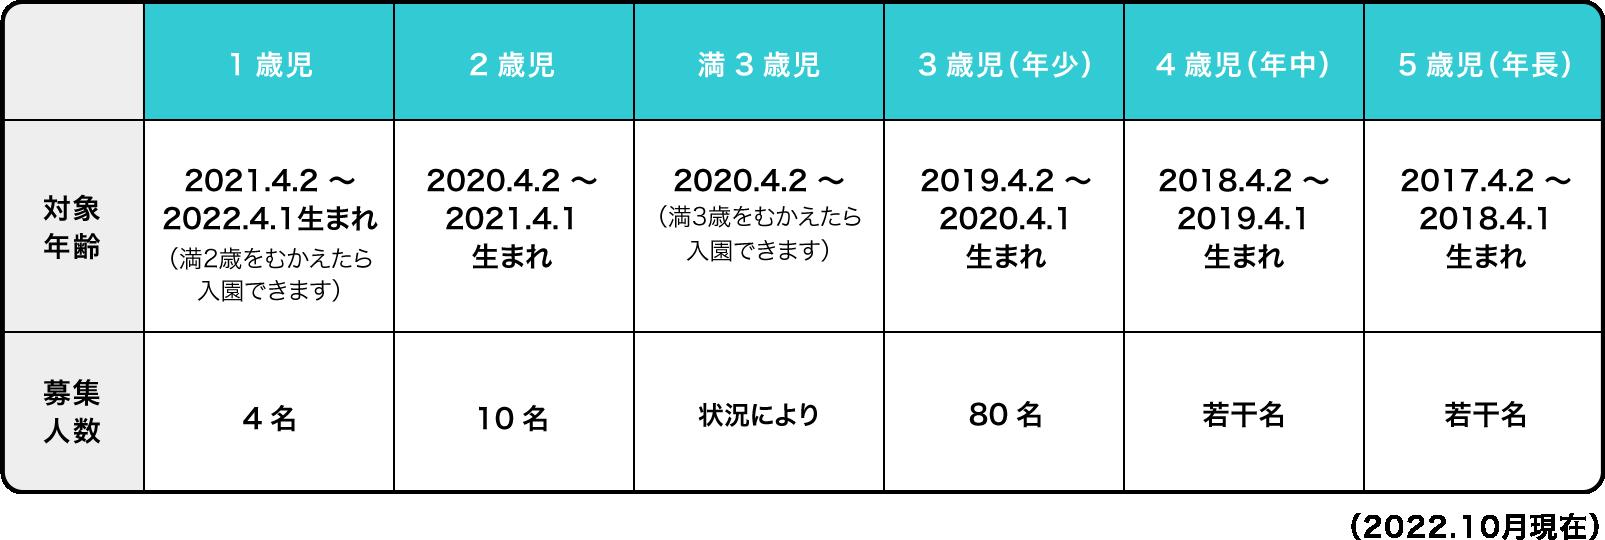 募集要項(2019.1現在)